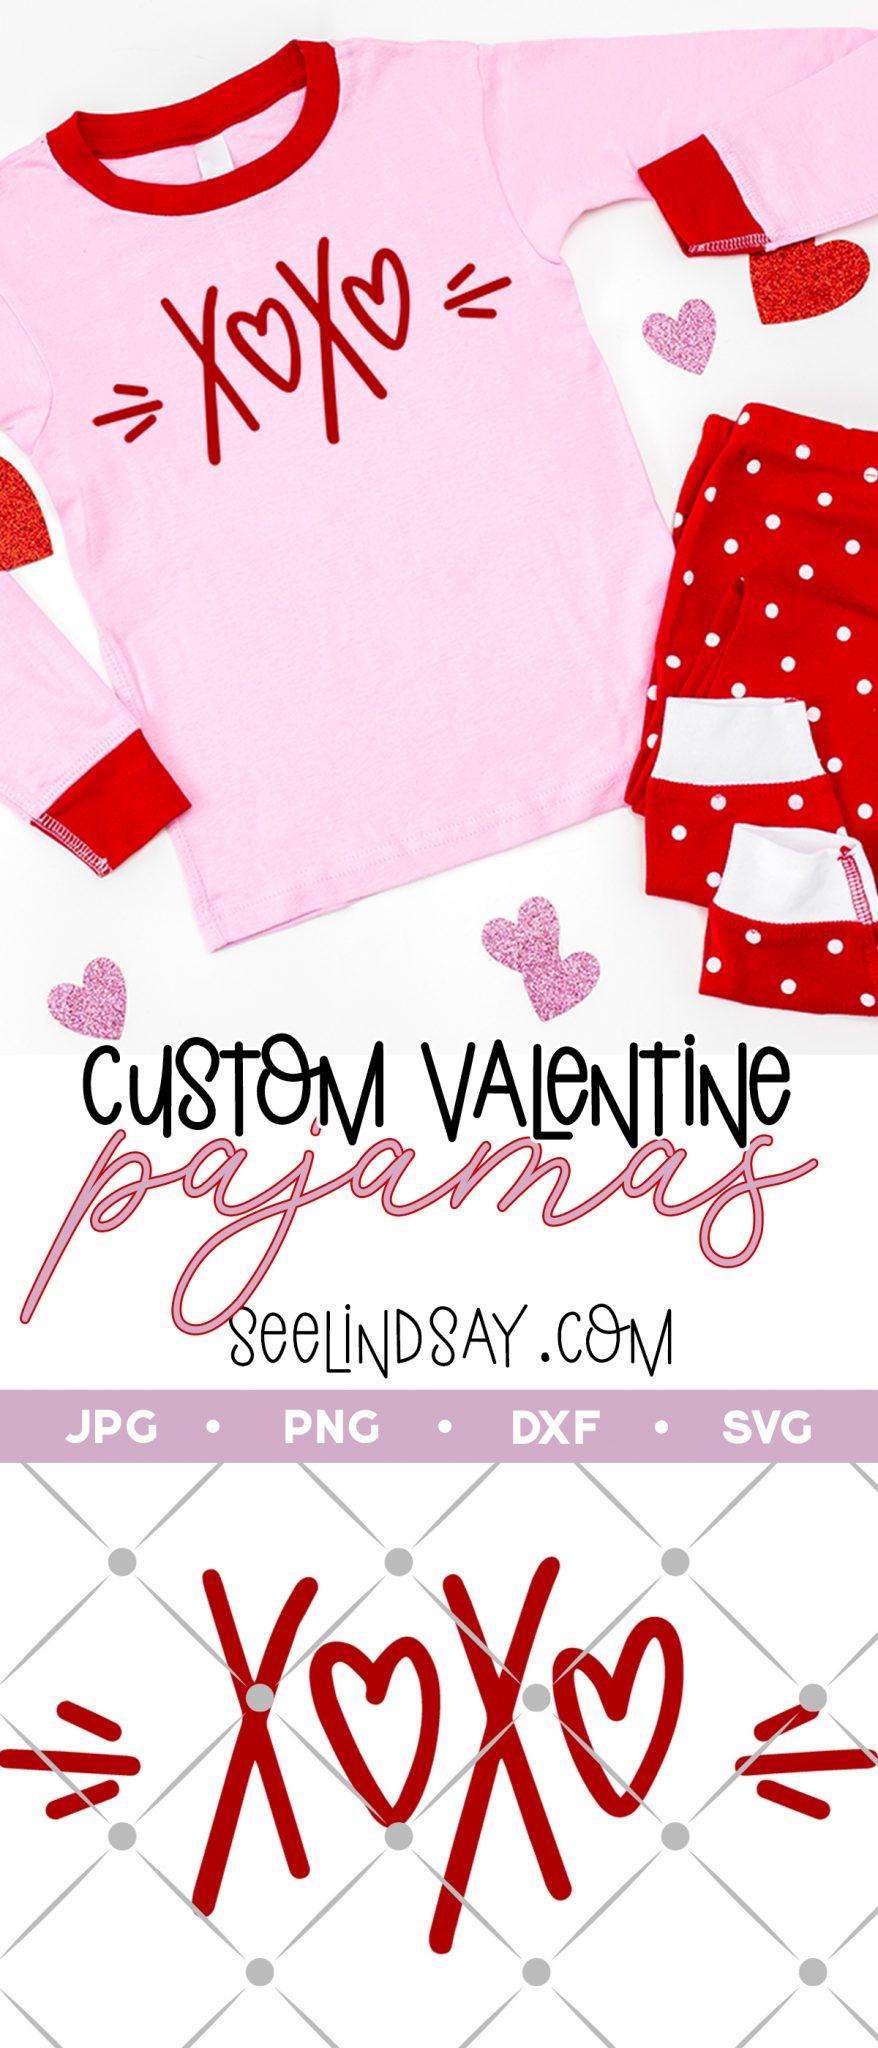 customized valentine pajamas with free xoxo svg